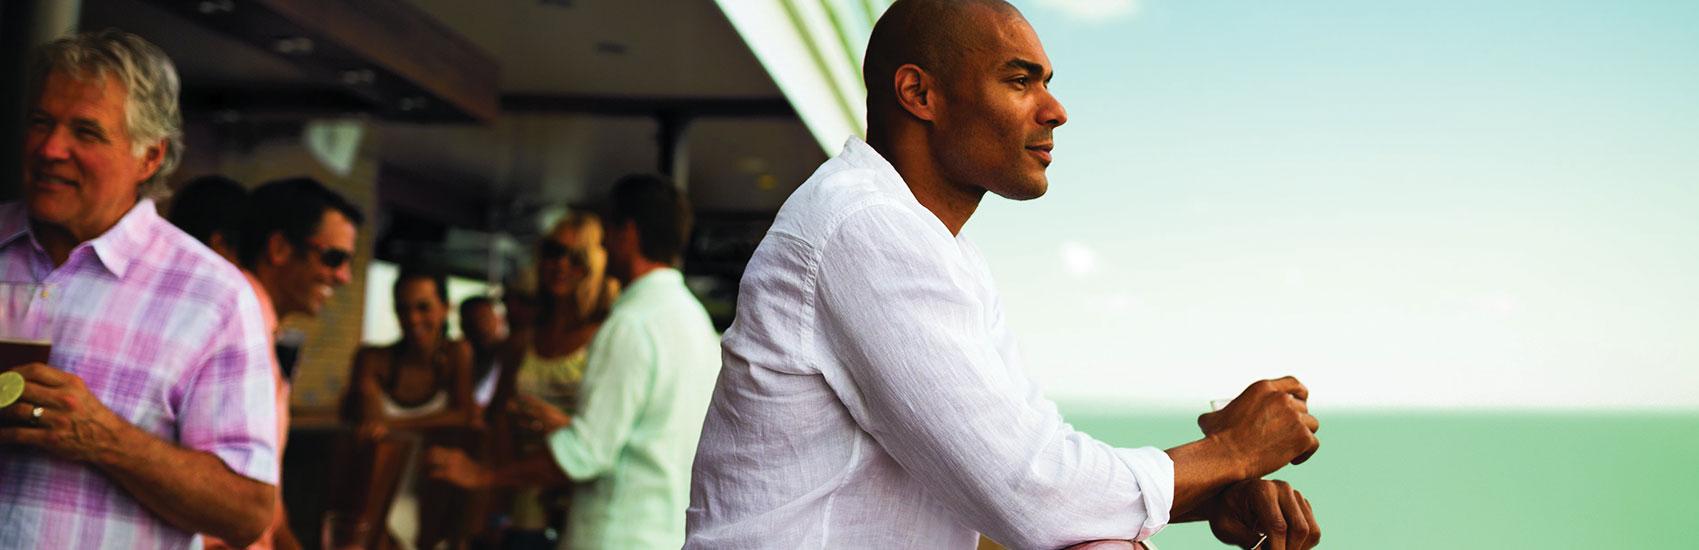 Solo Cruising Offer on Norwegian Cruise Line 3